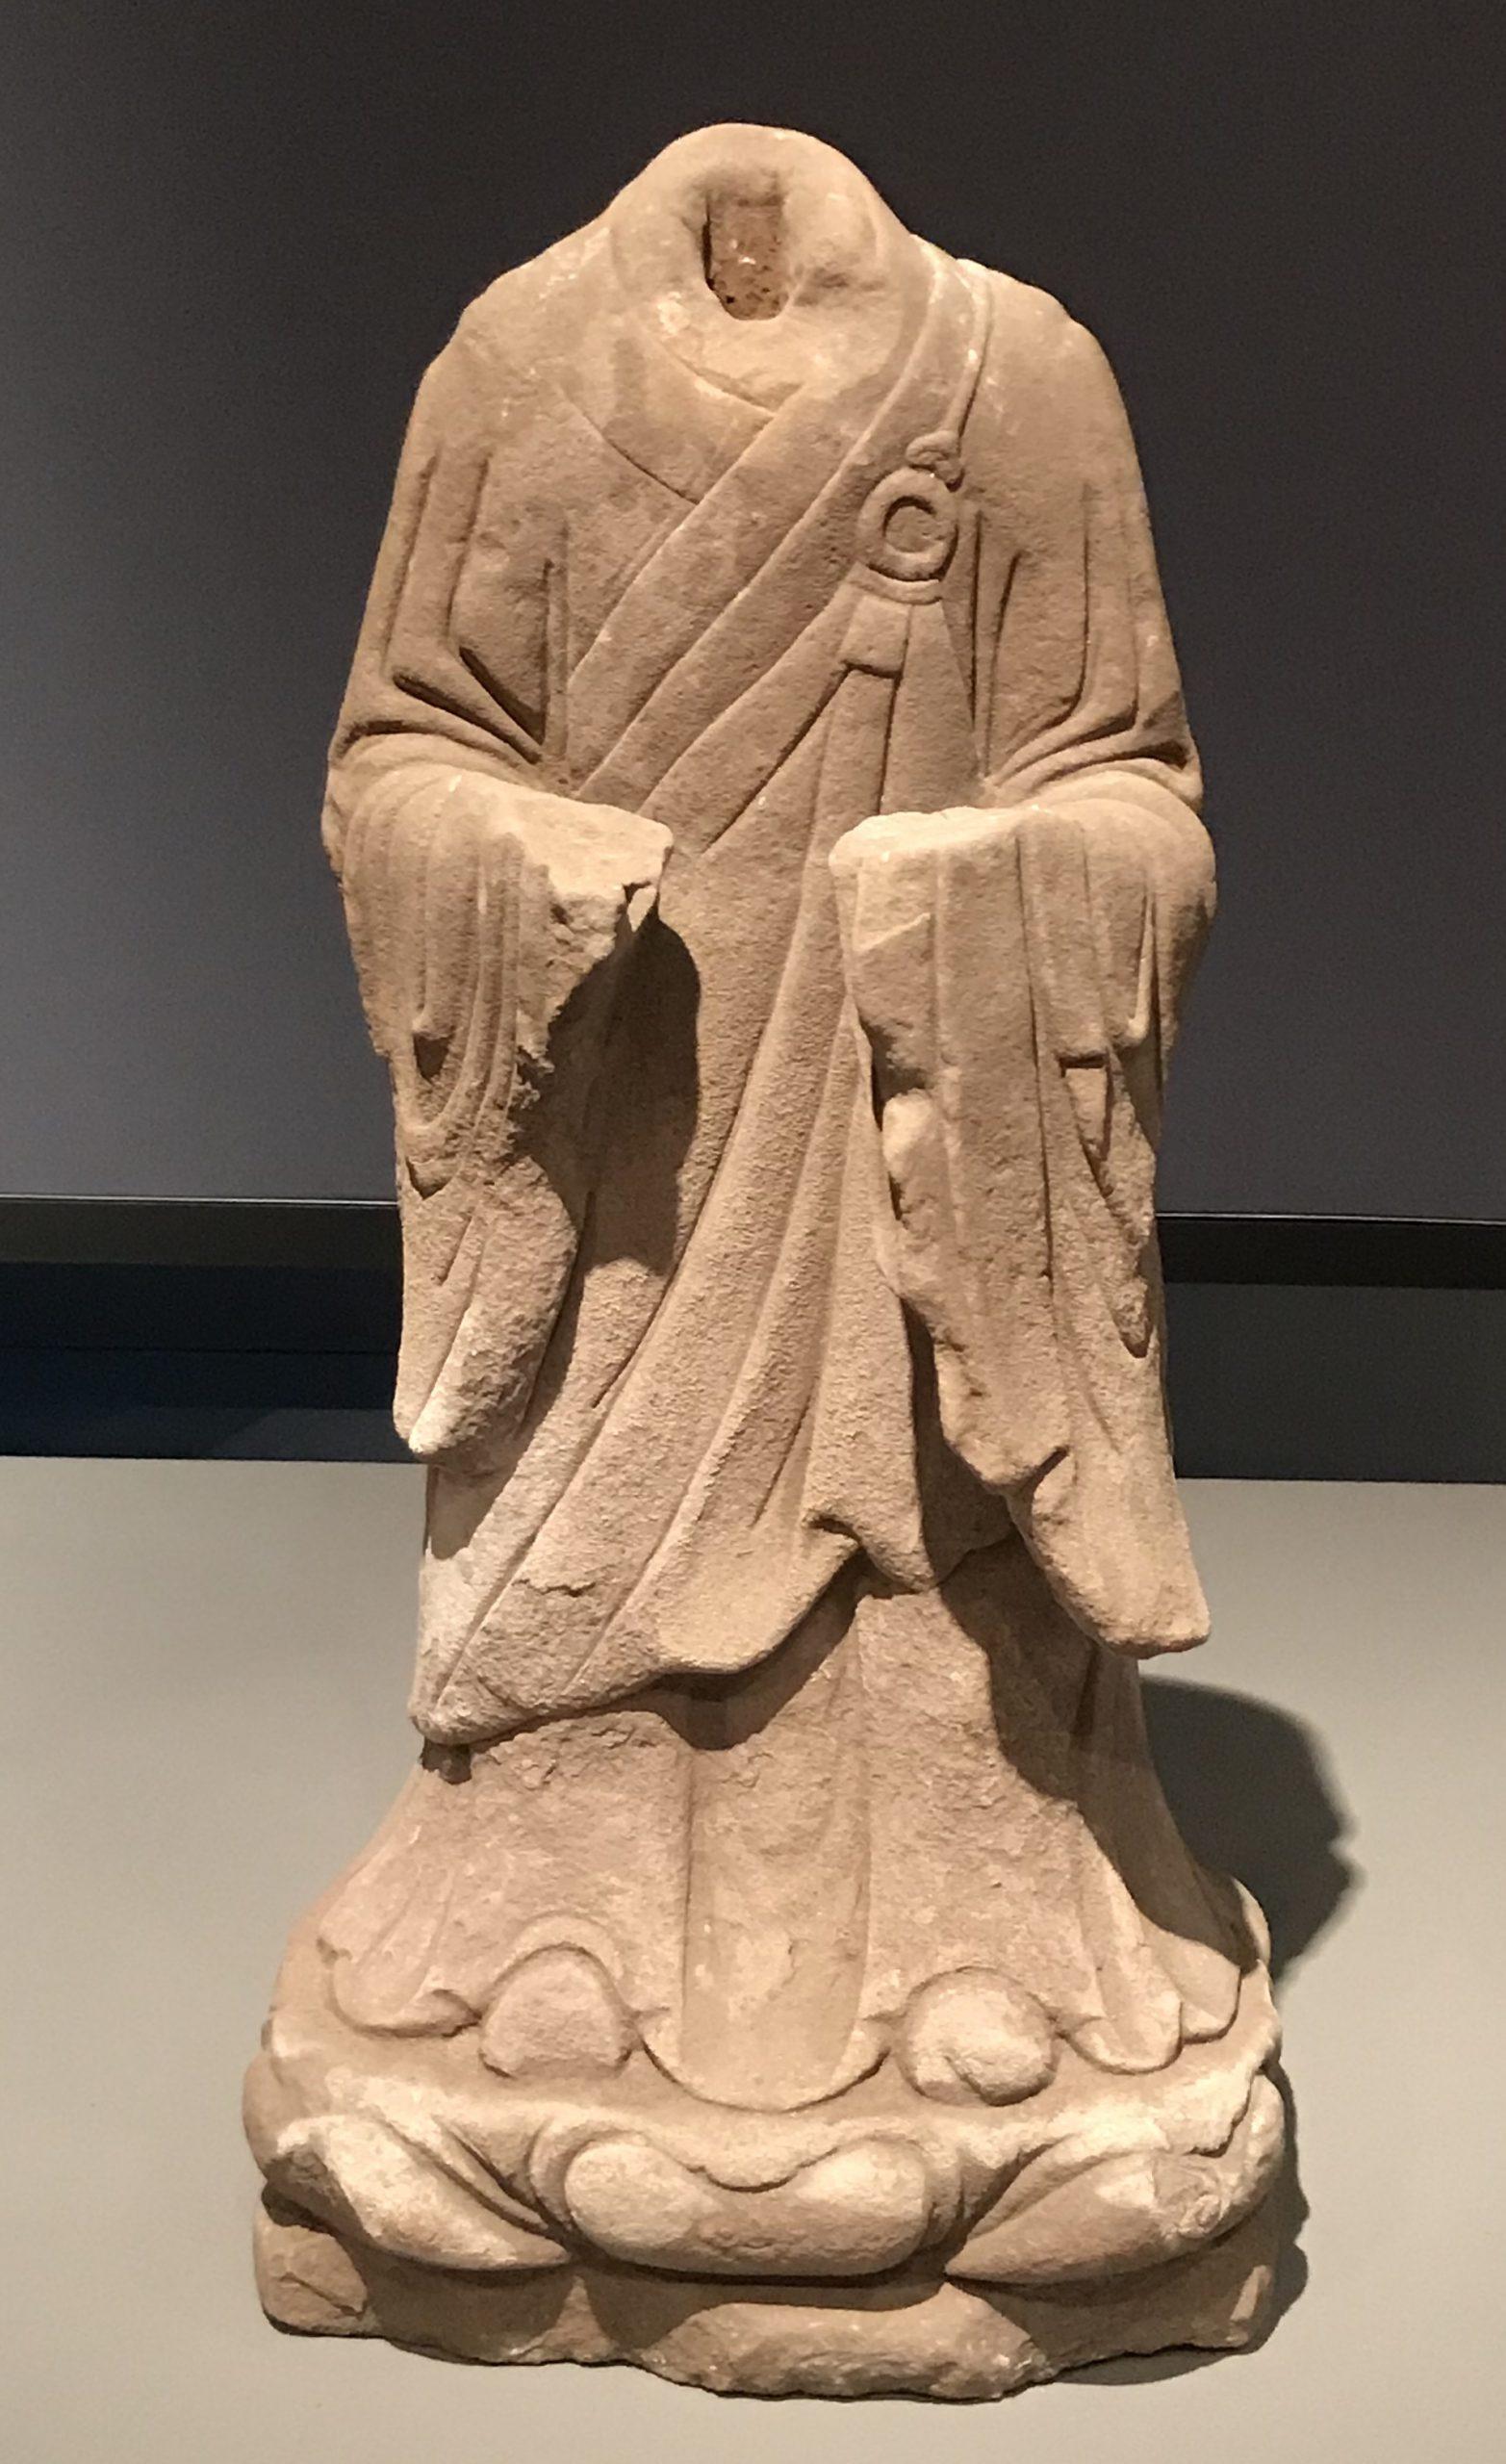 弟子残像-清時代-天下の大足-大足石刻の発見と継承-金沙遺跡博物館-成都